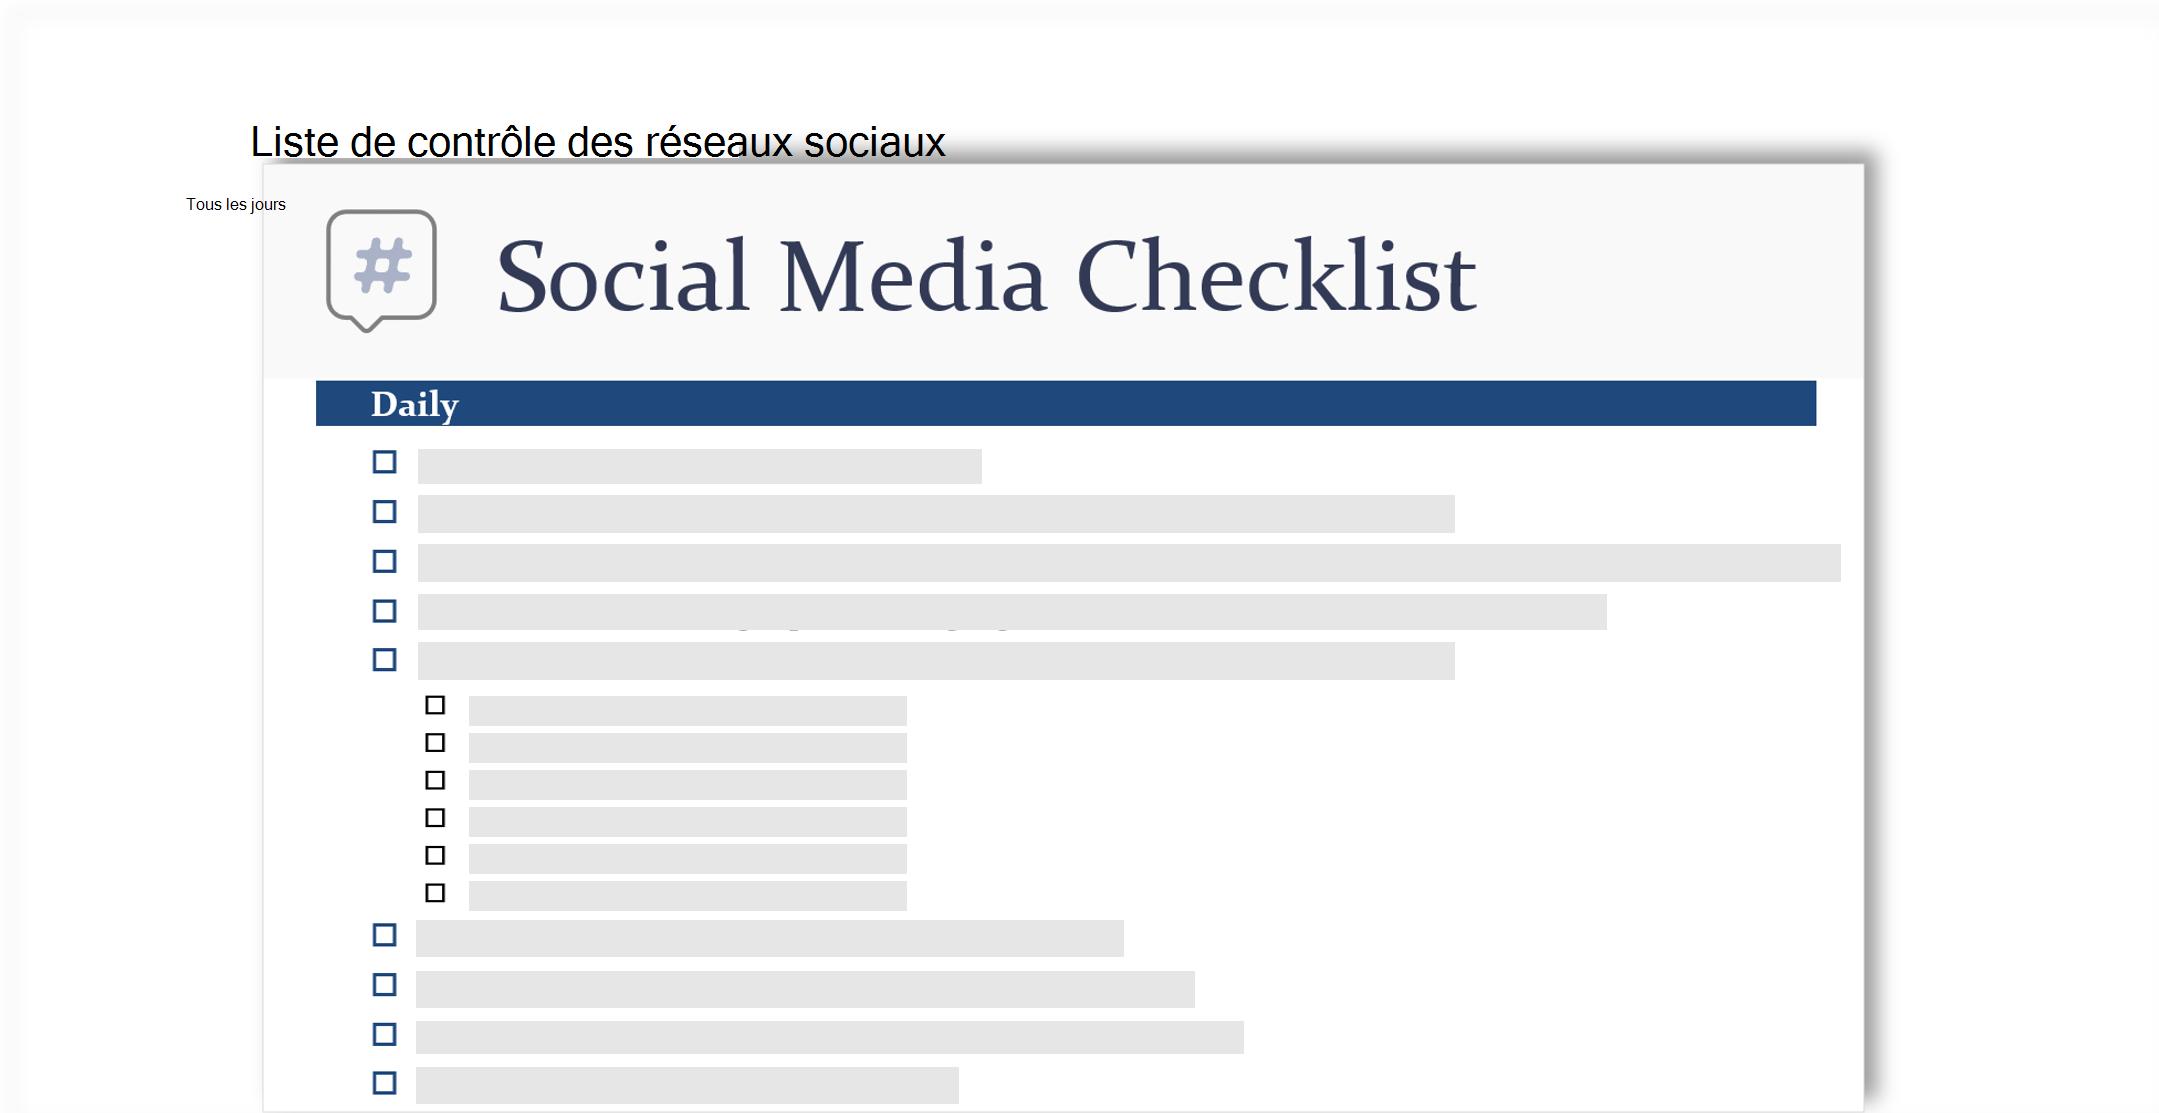 image conceptuelle d'une liste de vérification de médias sociaux